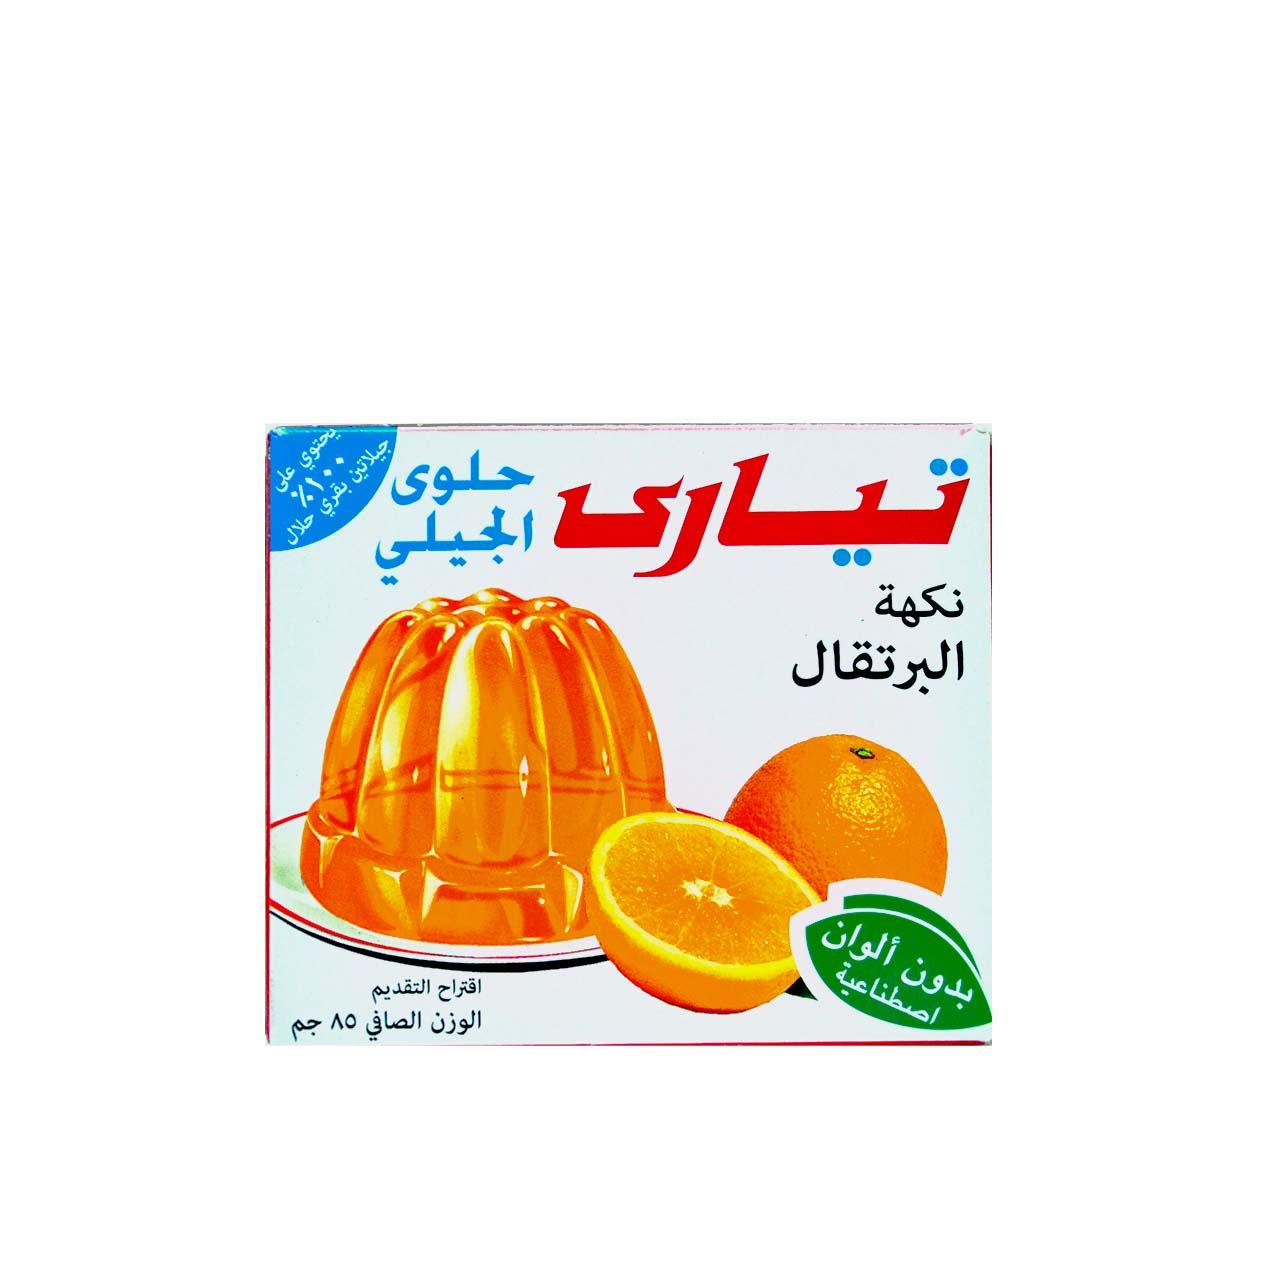 پودر ژله پرتقال تیارا – tiara